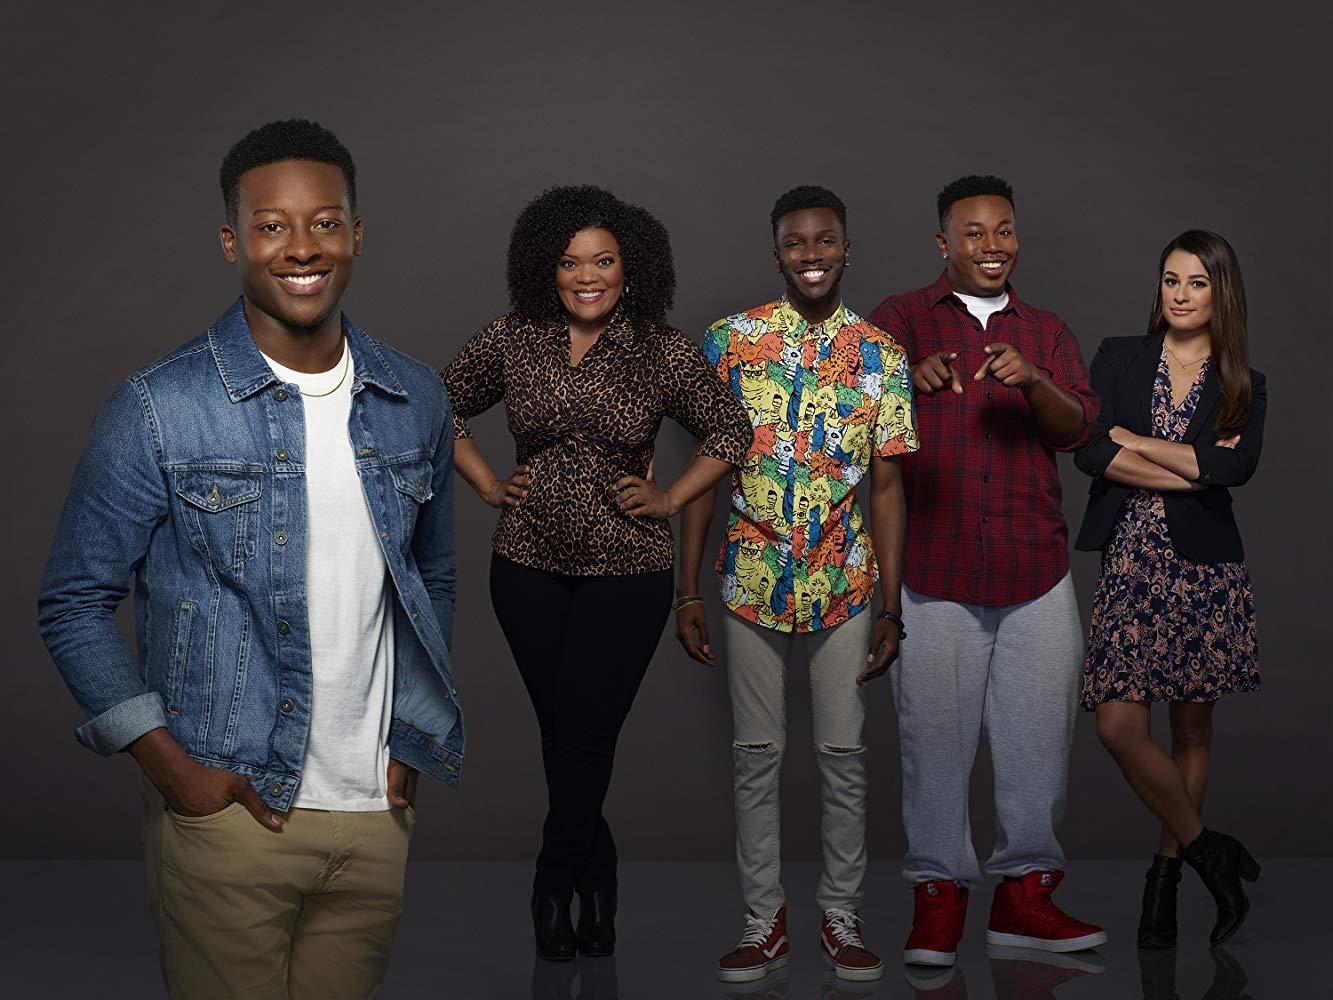 10 лучших американских комедийных сериалов Мэр